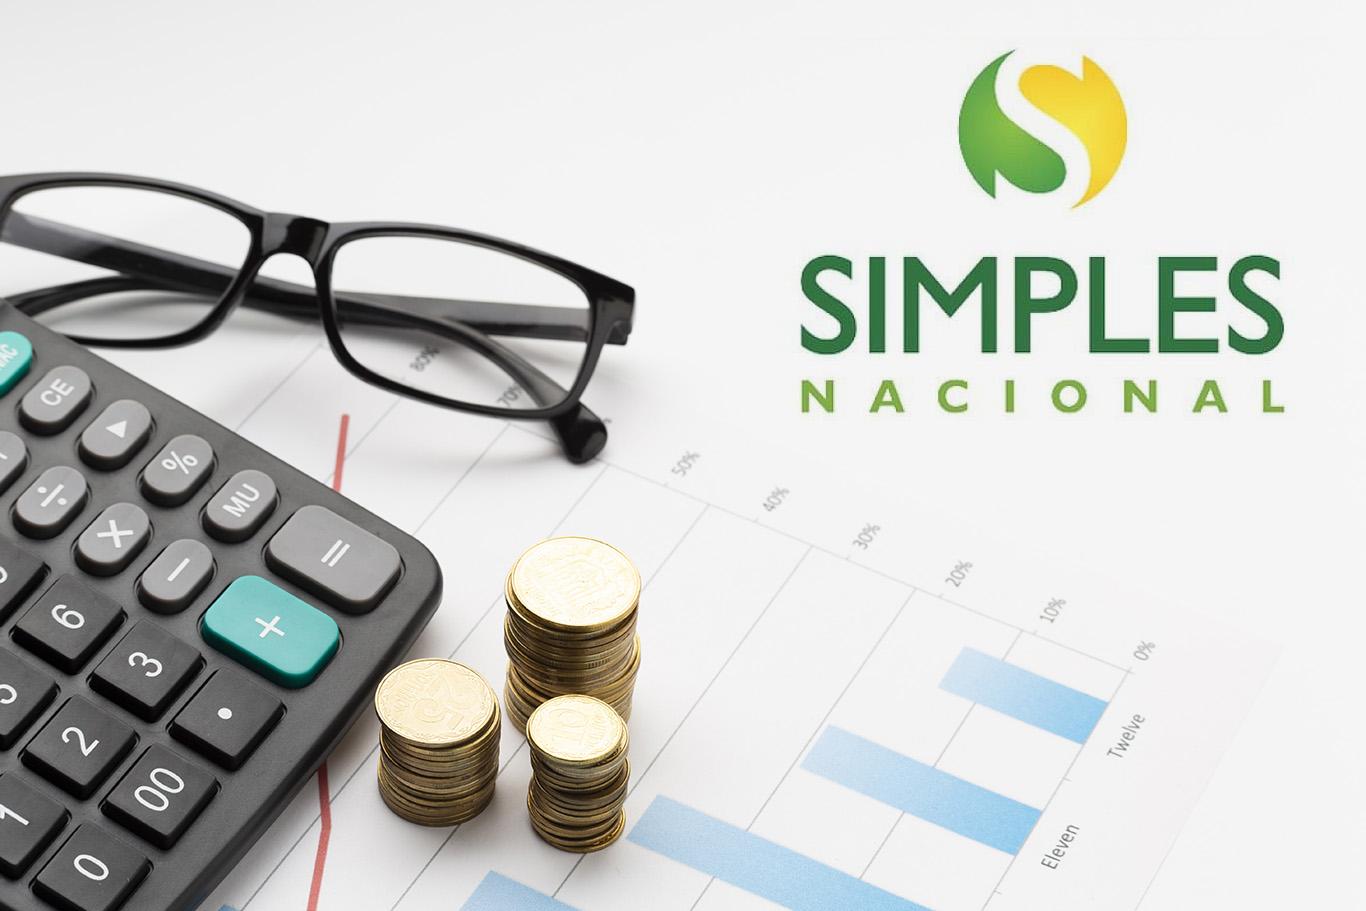 Simples Nacional: Prazos de Pagamento Prorrogados para Óticas